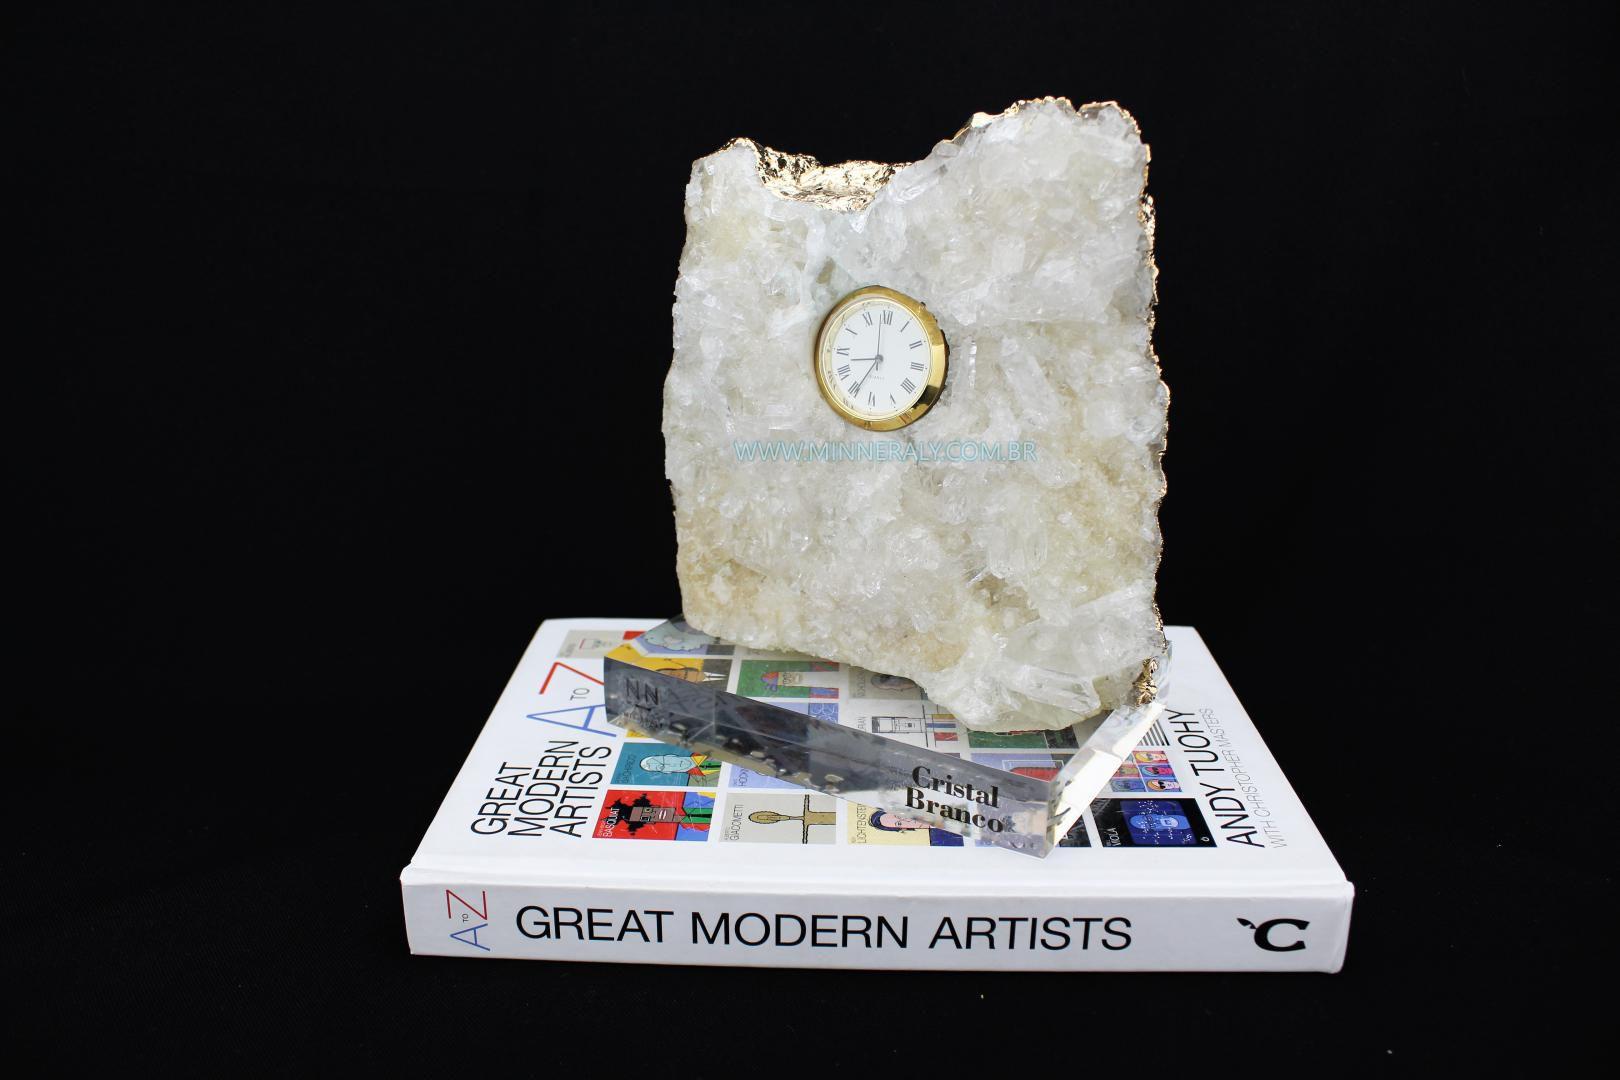 Relógio em Drusa de Cristal in Natura  #NN105